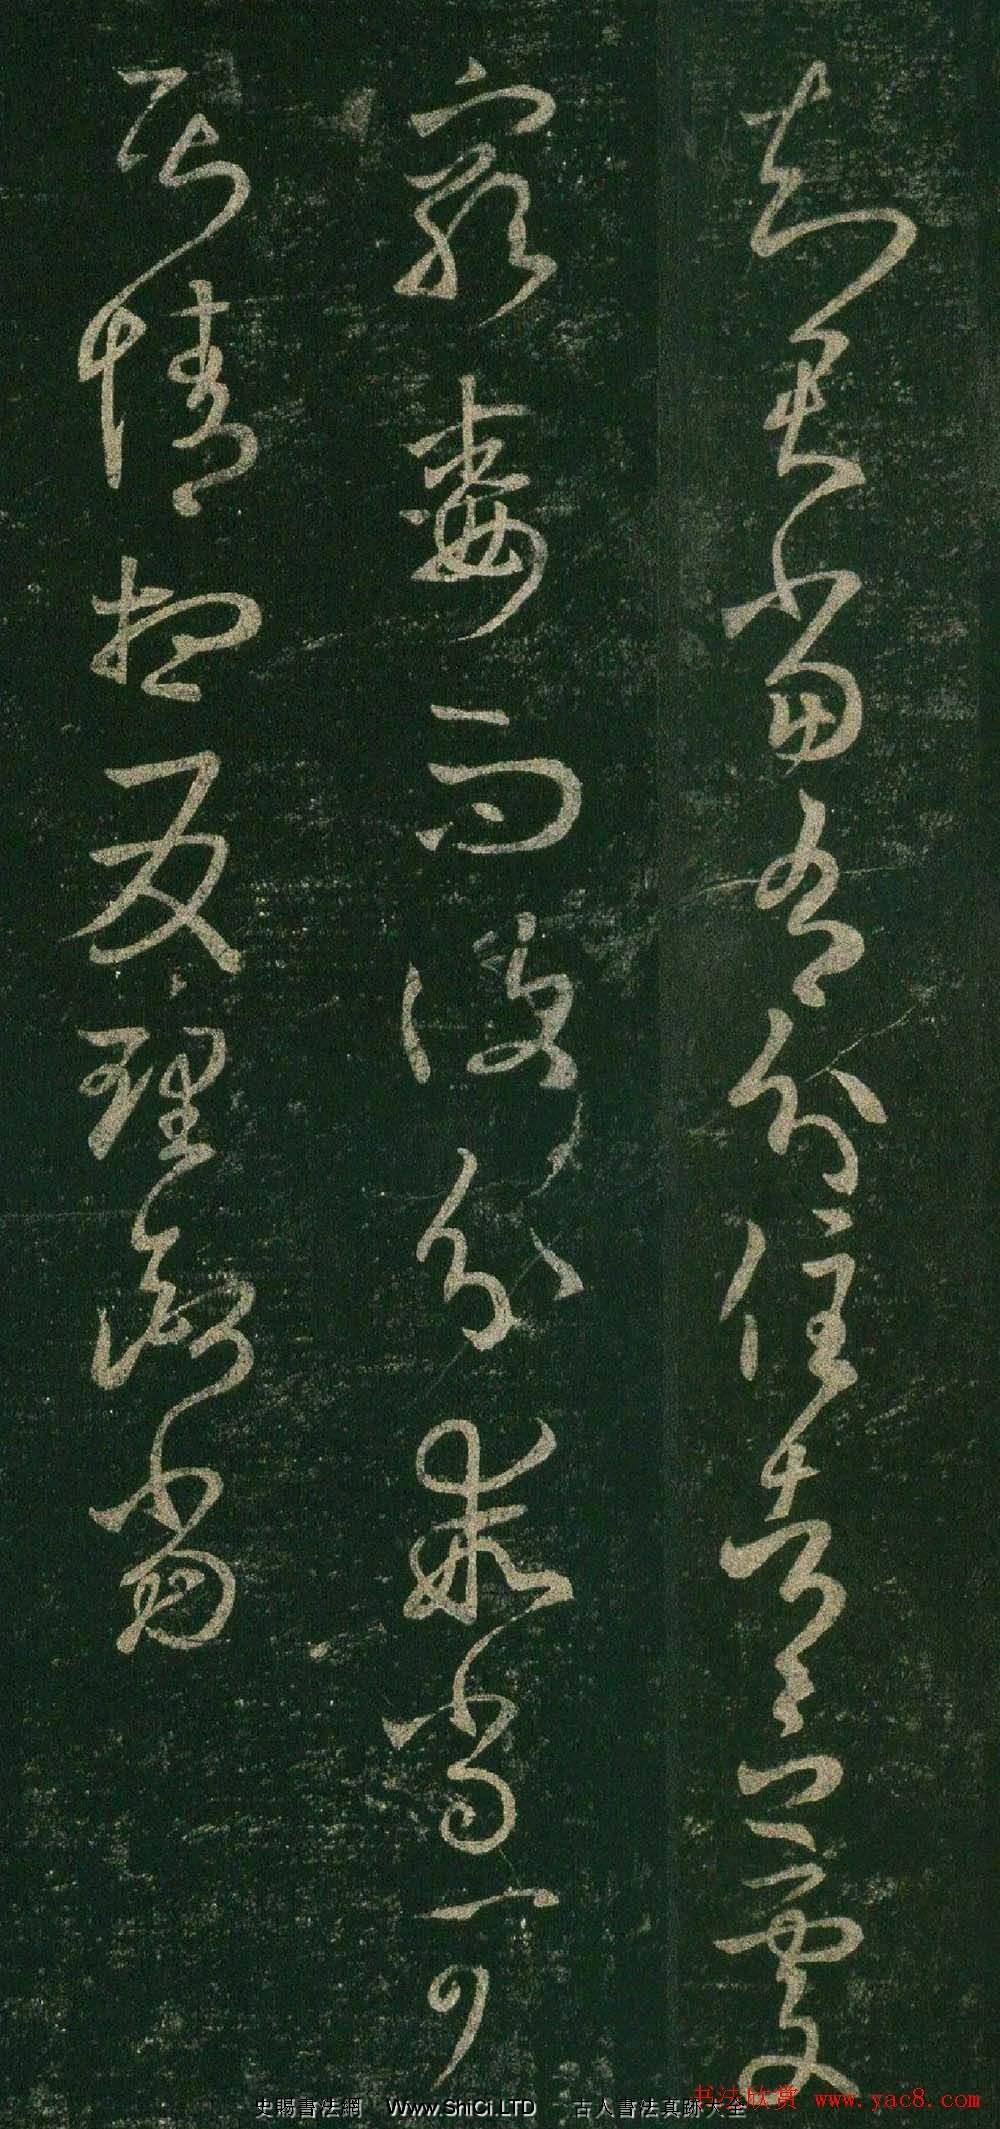 王羲之草書真跡欣賞《知君帖》三種(共3張圖片)